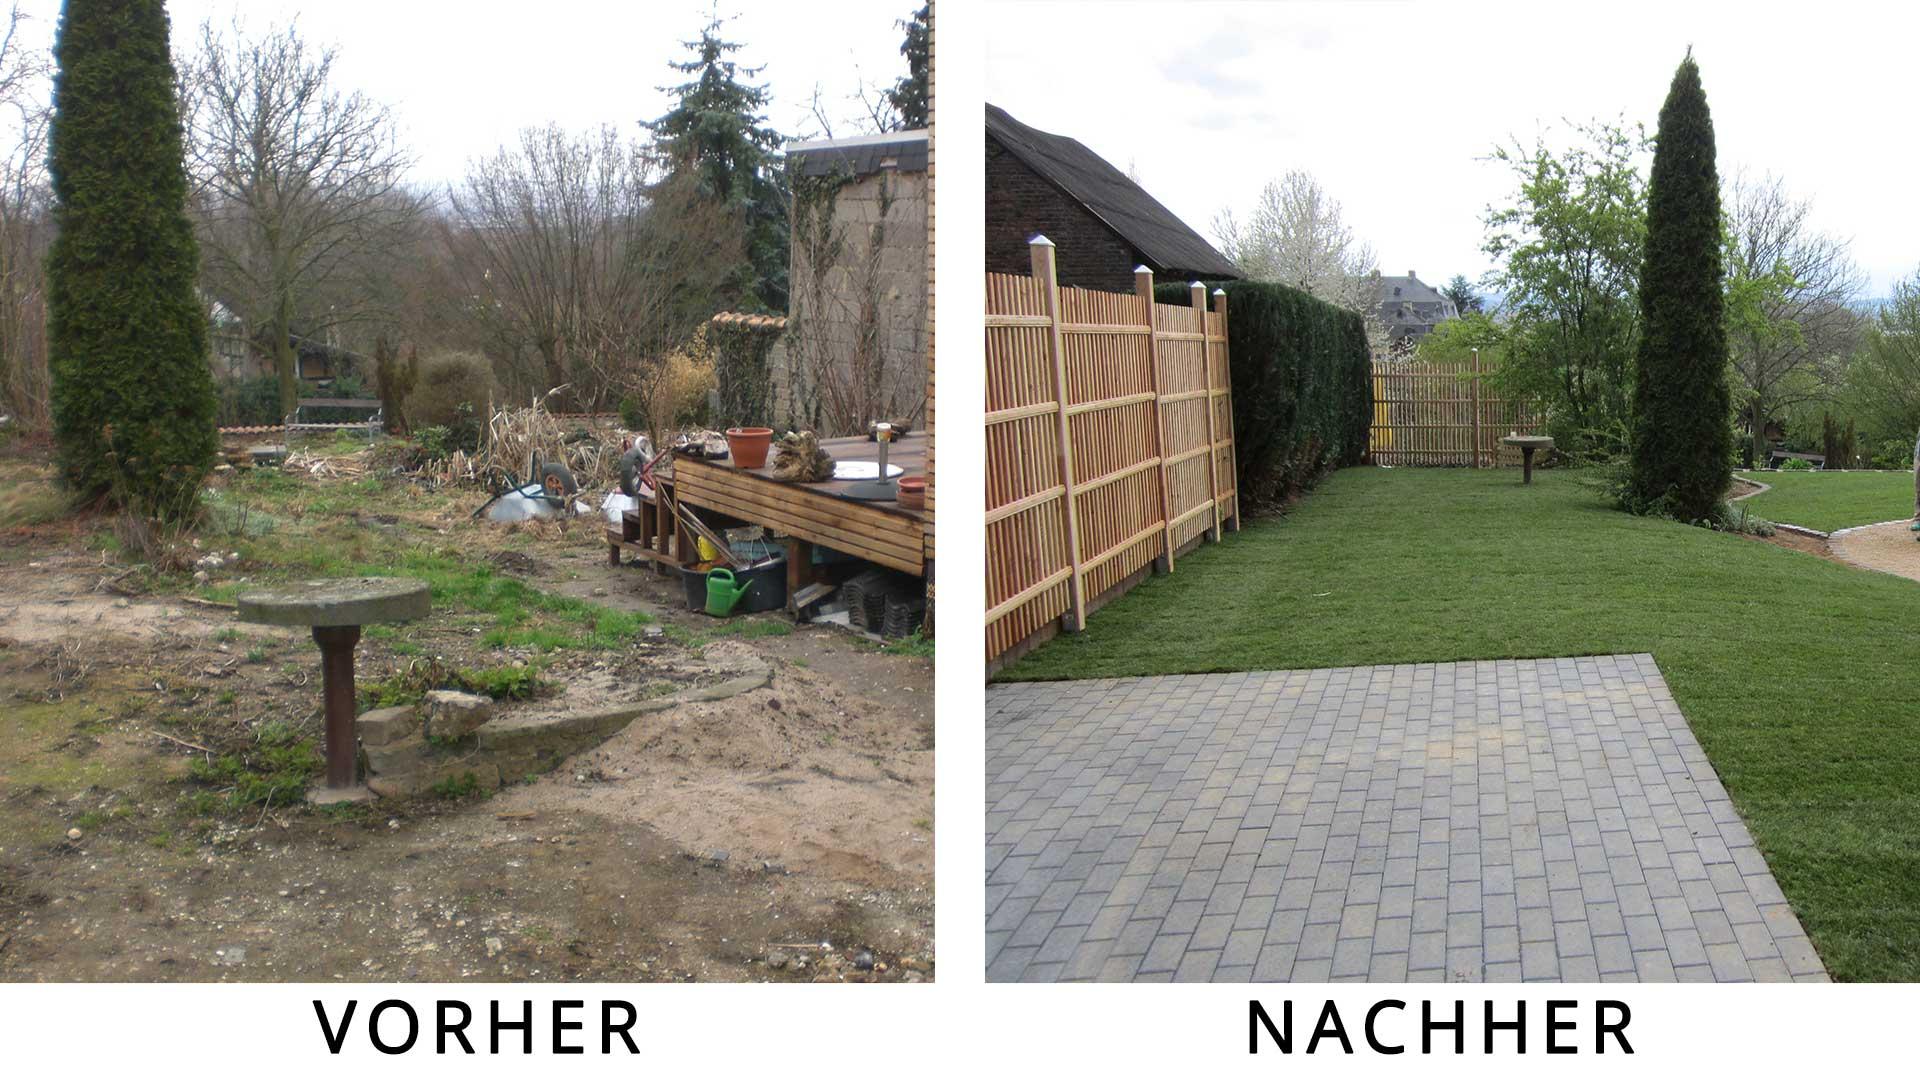 Emejing Garten Und Landschaftsbau Vorher Nachher Ideas - Rellik.us ...